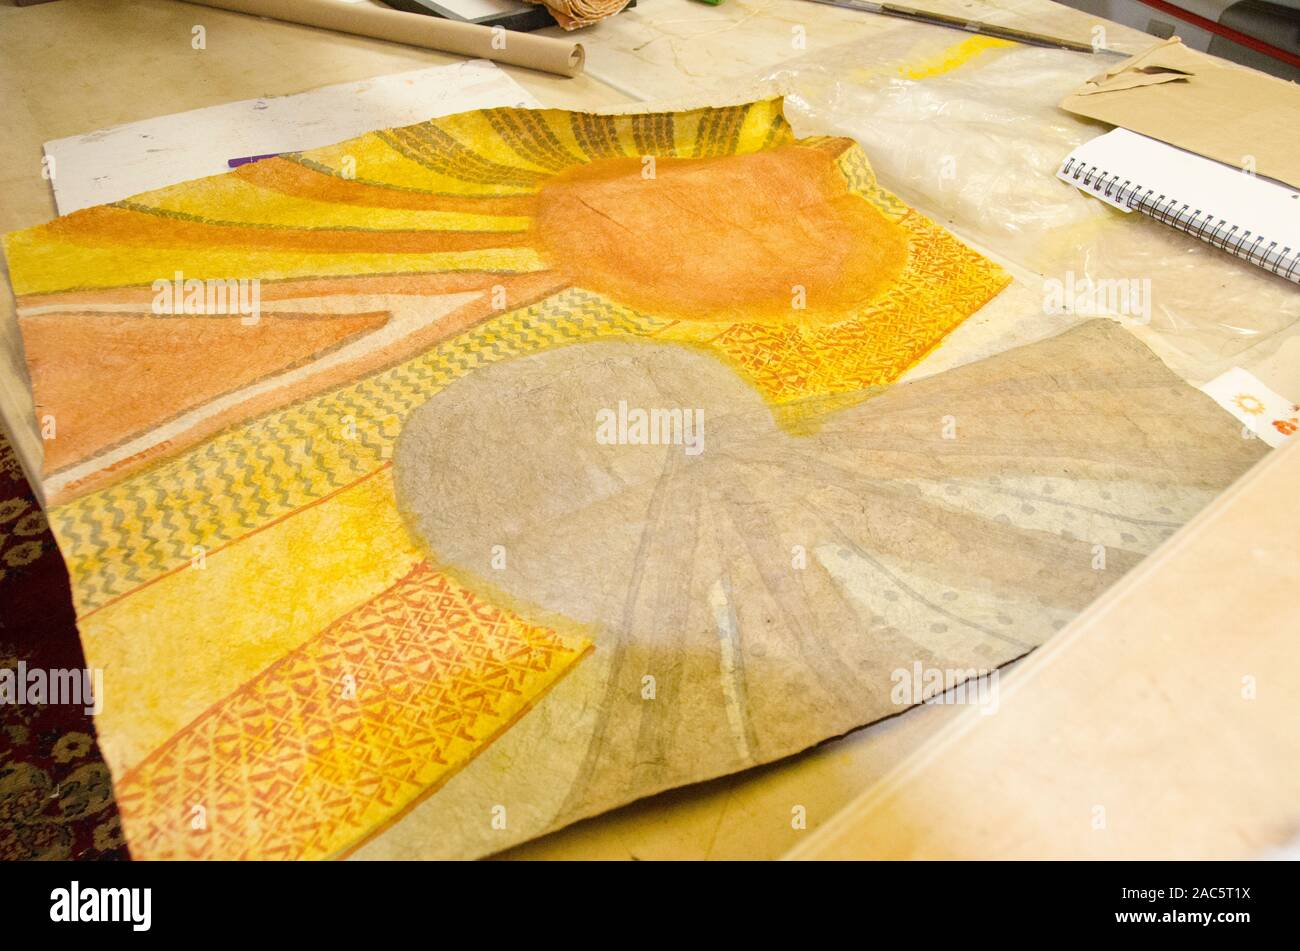 Terminado (o tapas kapa paño) después de haber sido teñidos y completado por el artista Roen Hufford, Isla Grande. Foto de stock